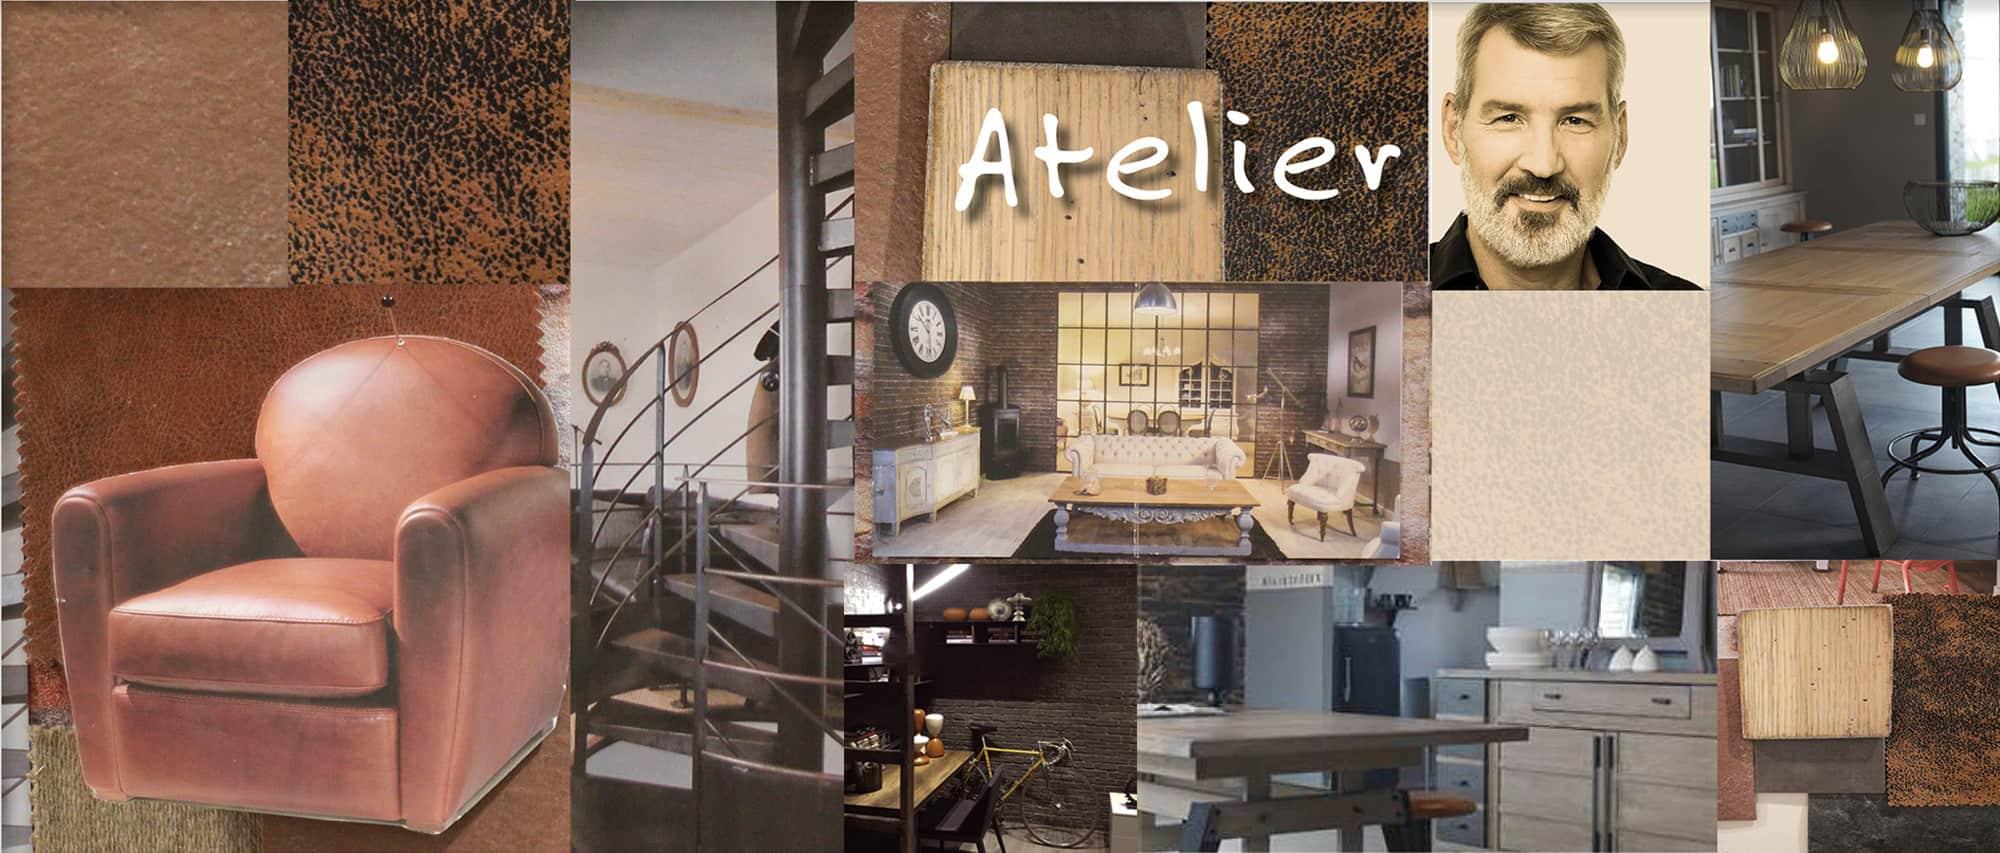 ATMOSPHERE-ATELIER-industriel-esprit-loft-usine-factory-page